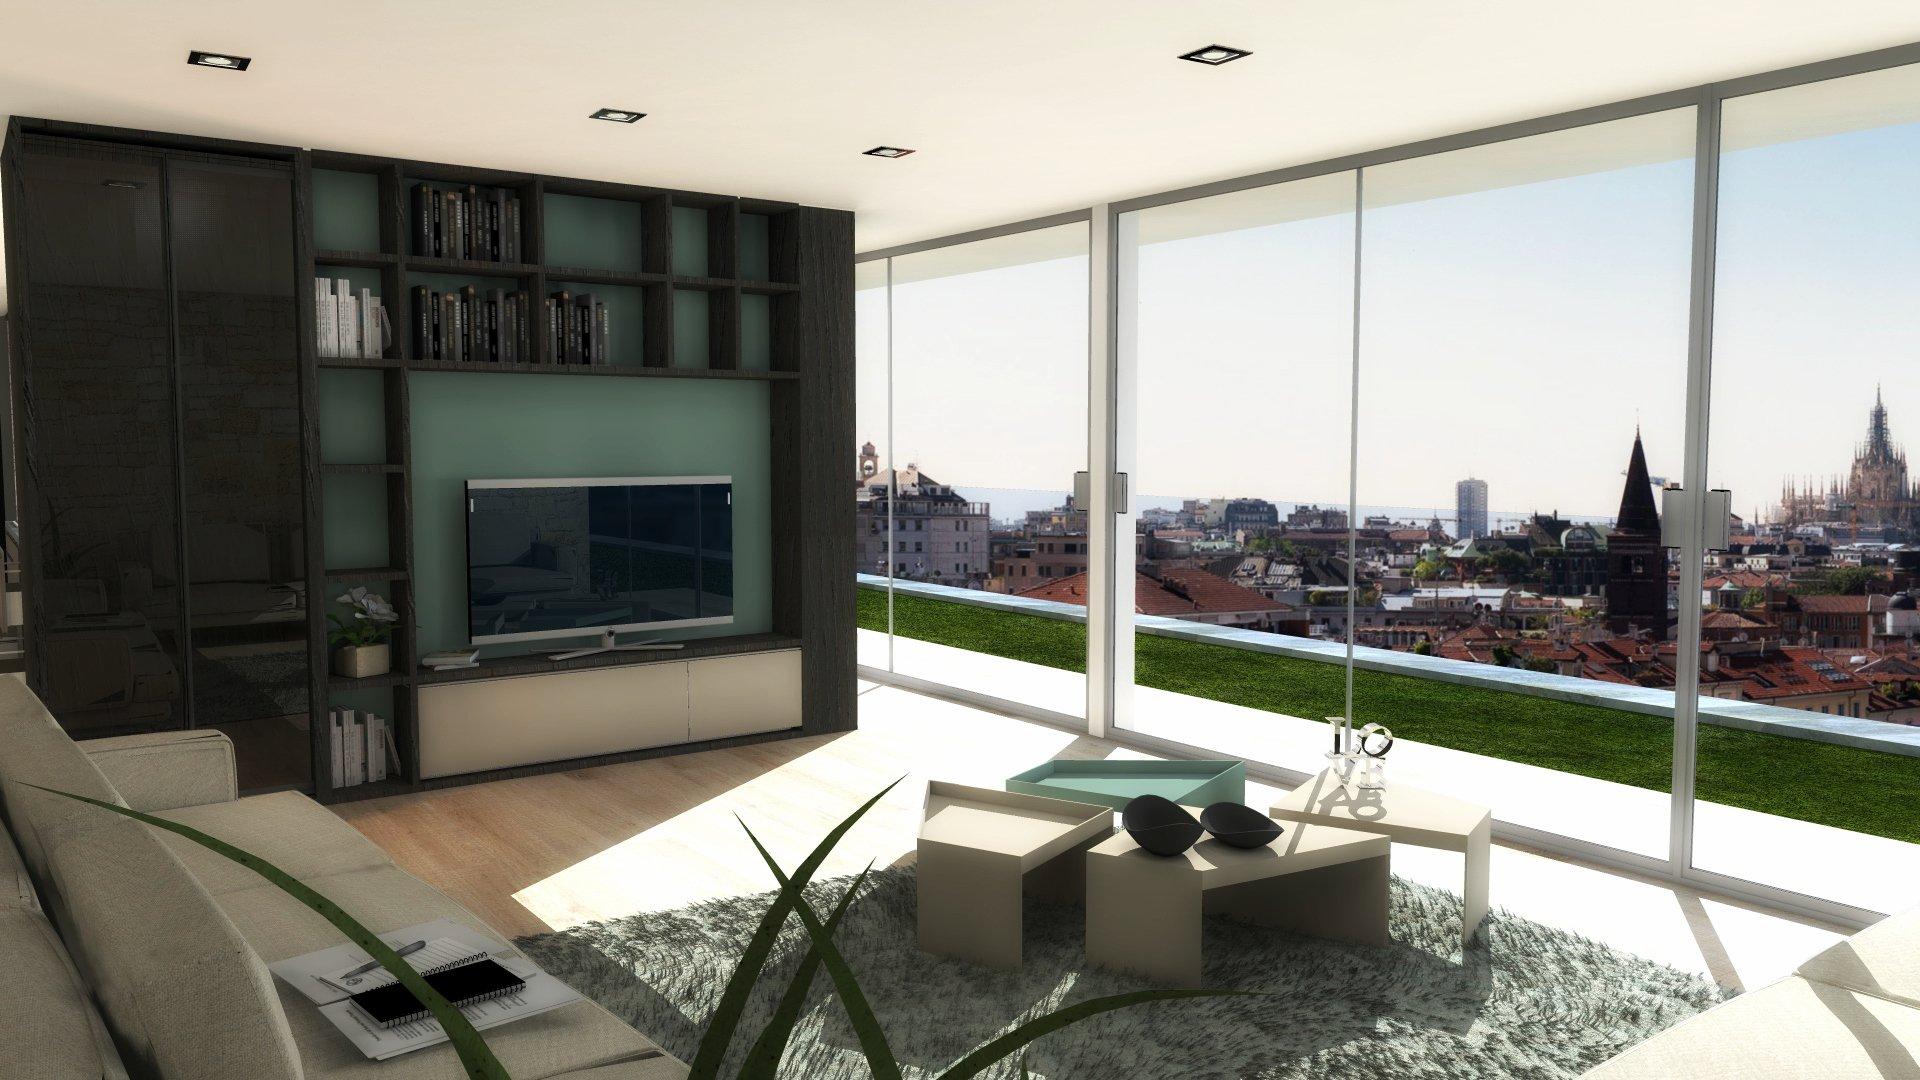 Dividere cucina e soggiorno idee creative su interni e - Dividere soggiorno e cucina ...